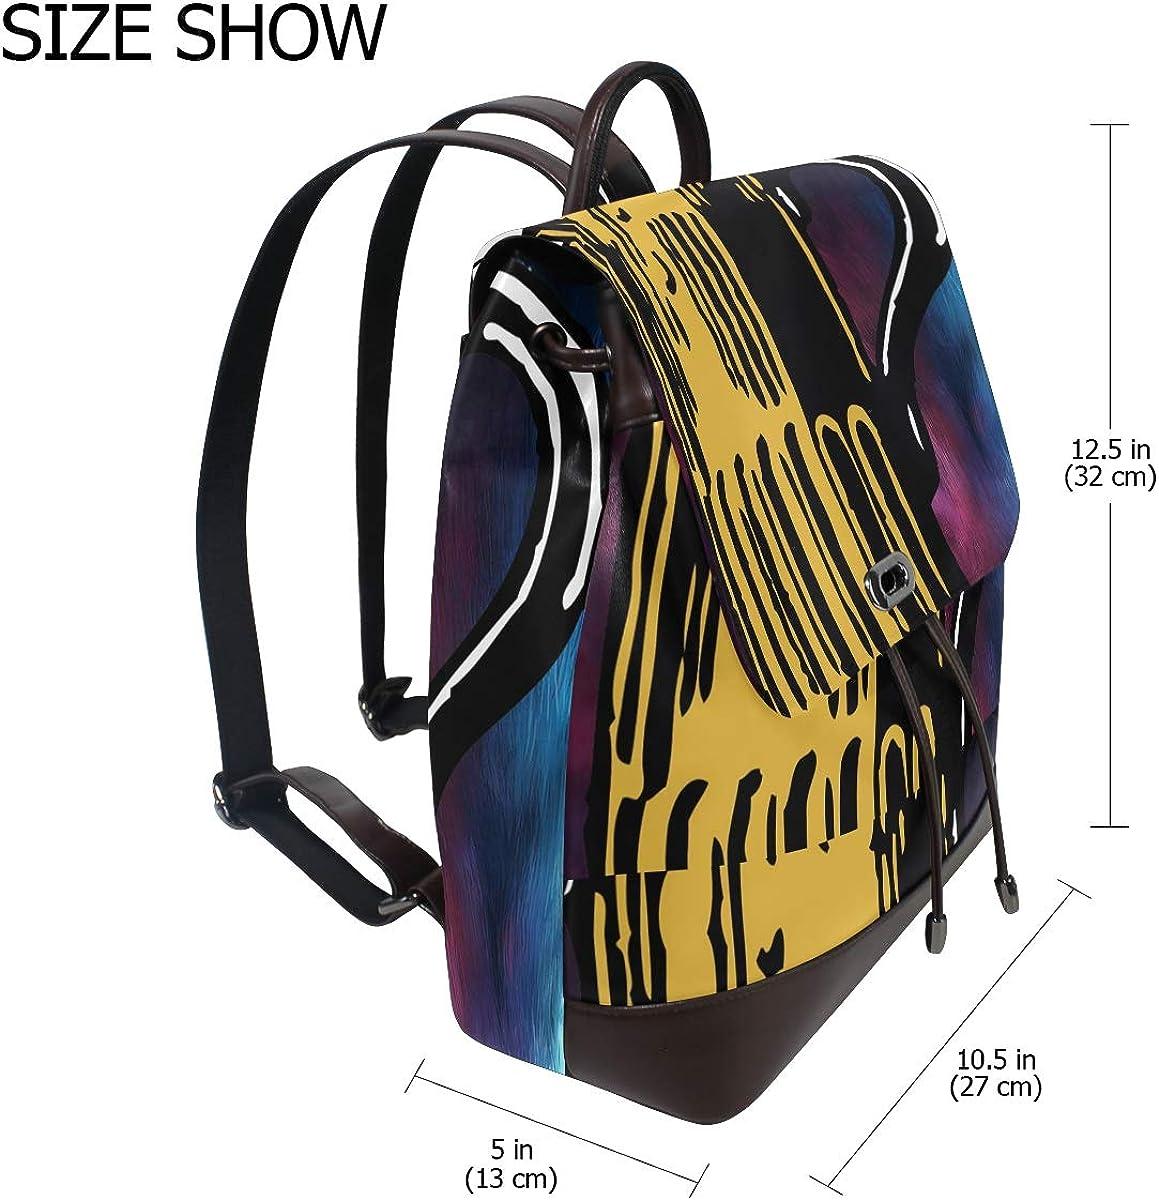 PU Leather Shoulder Bag,Beer Mug Backpack,Portable Travel School Rucksack,Satchel with Top Handle